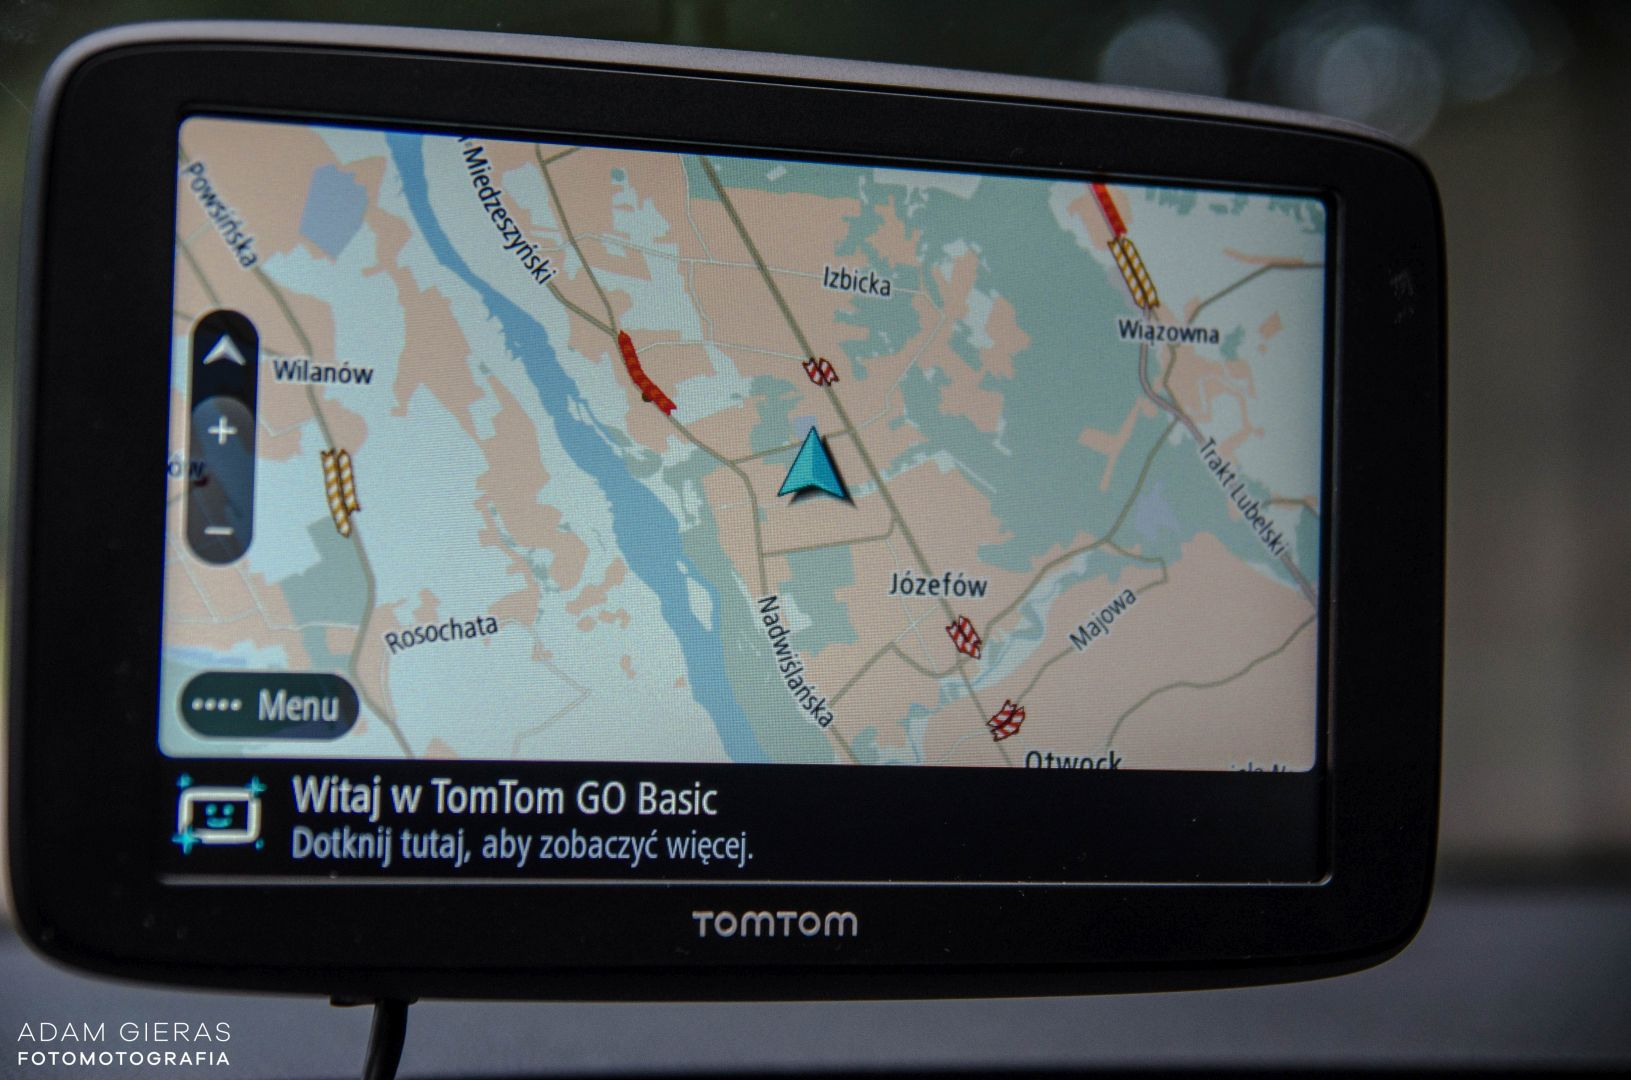 tomtom 8 Test: TomTom GO Basic: prosto, czytelnie, do celu